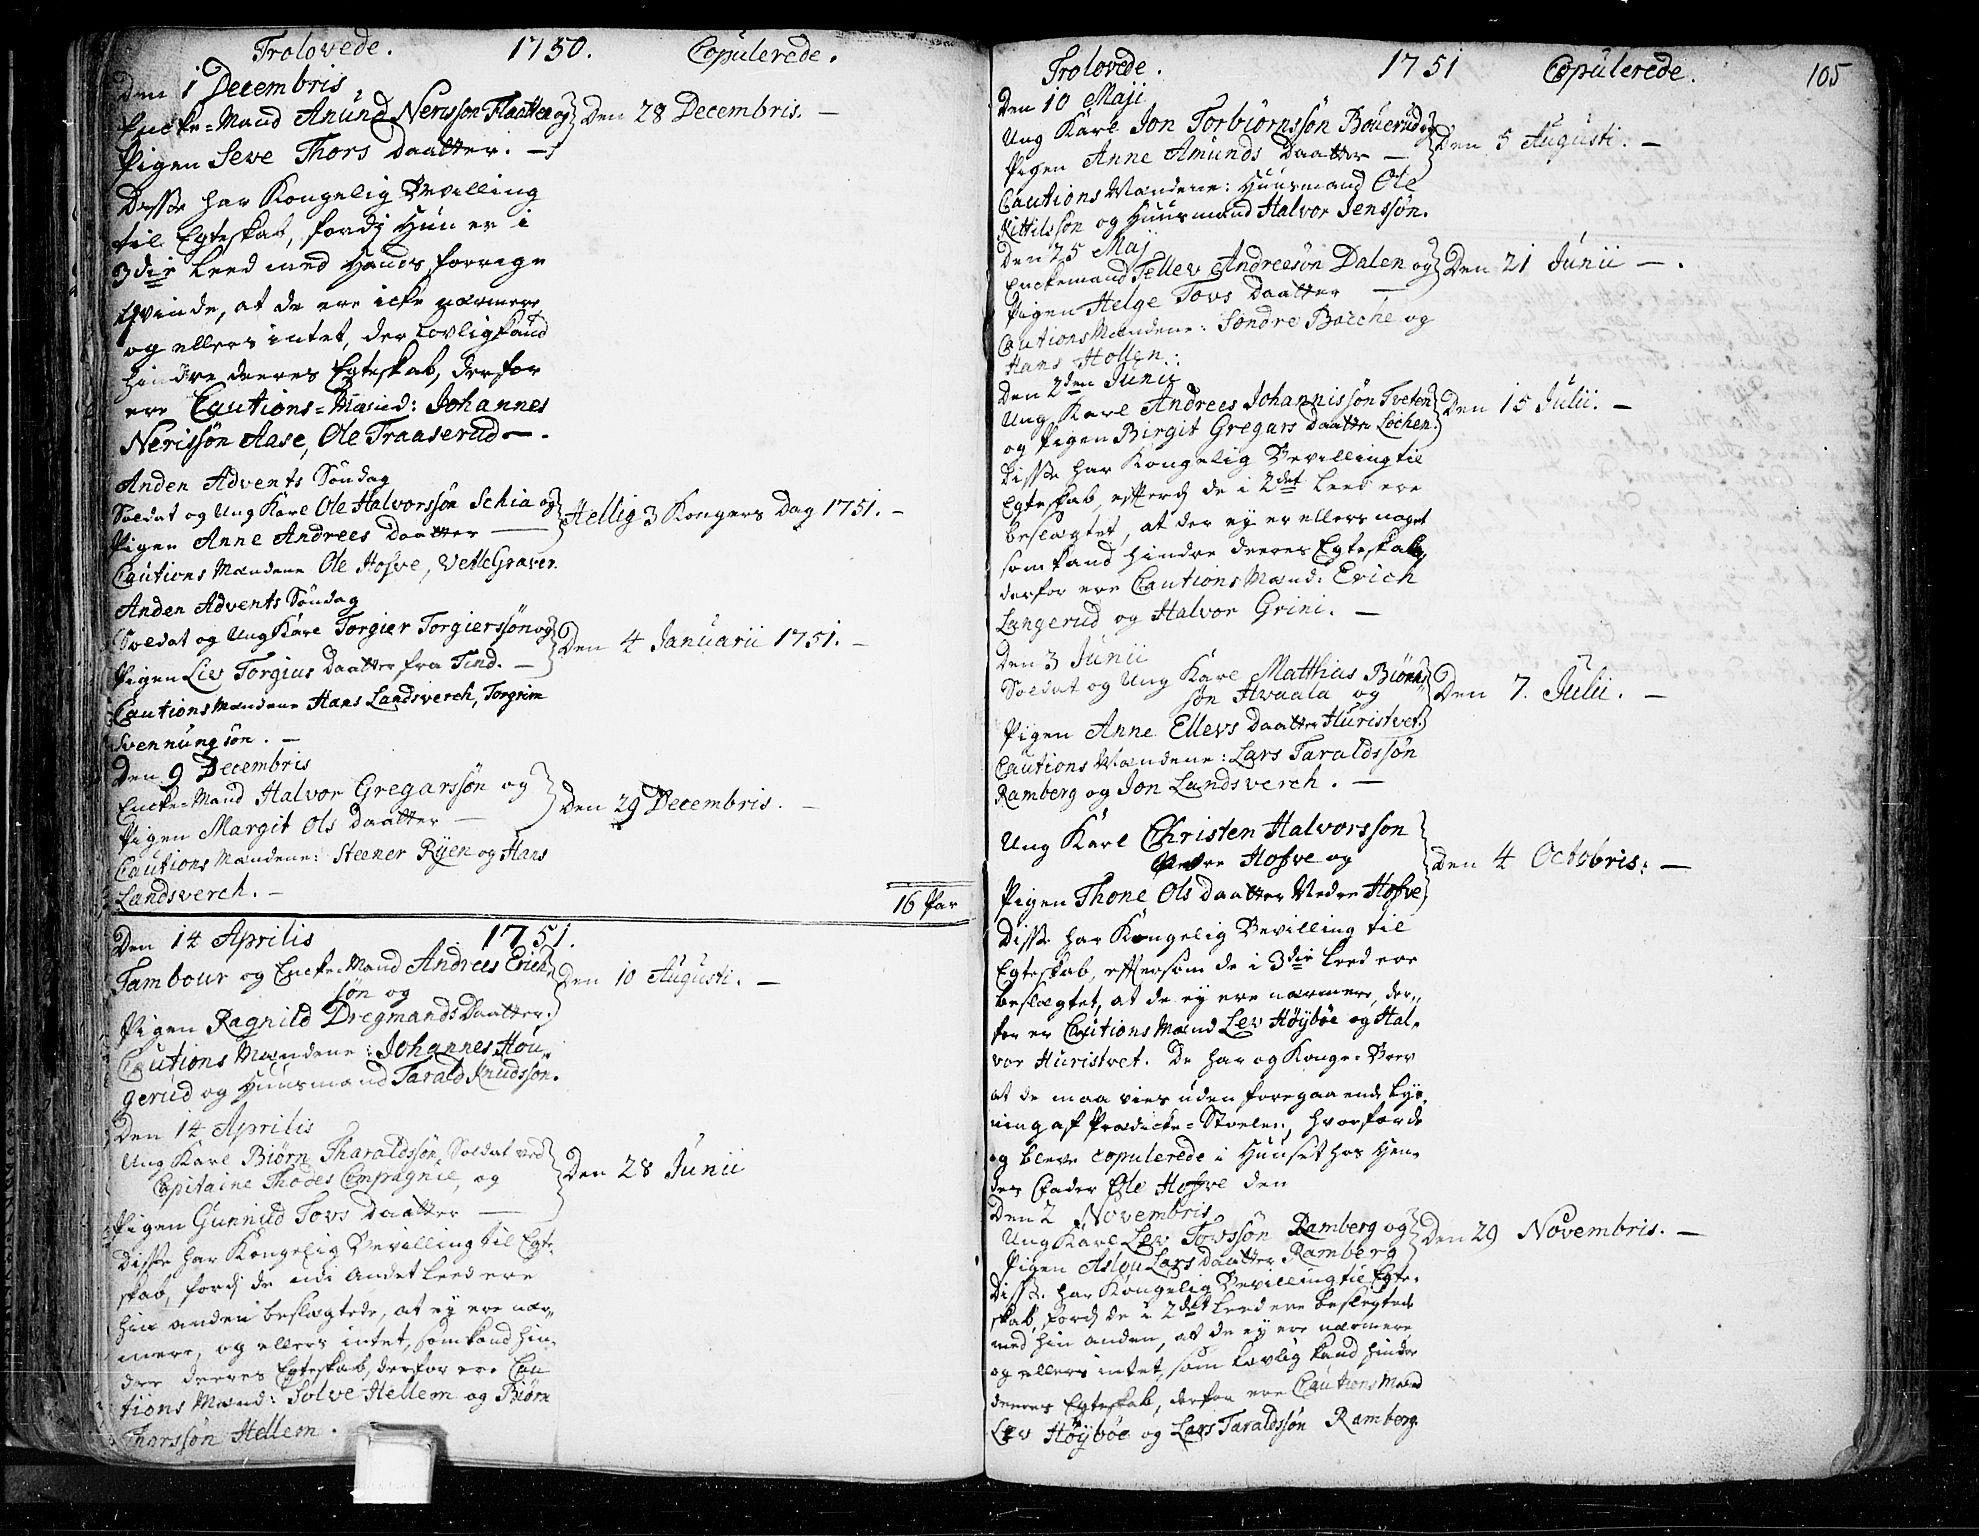 SAKO, Heddal kirkebøker, F/Fa/L0003: Ministerialbok nr. I 3, 1723-1783, s. 105